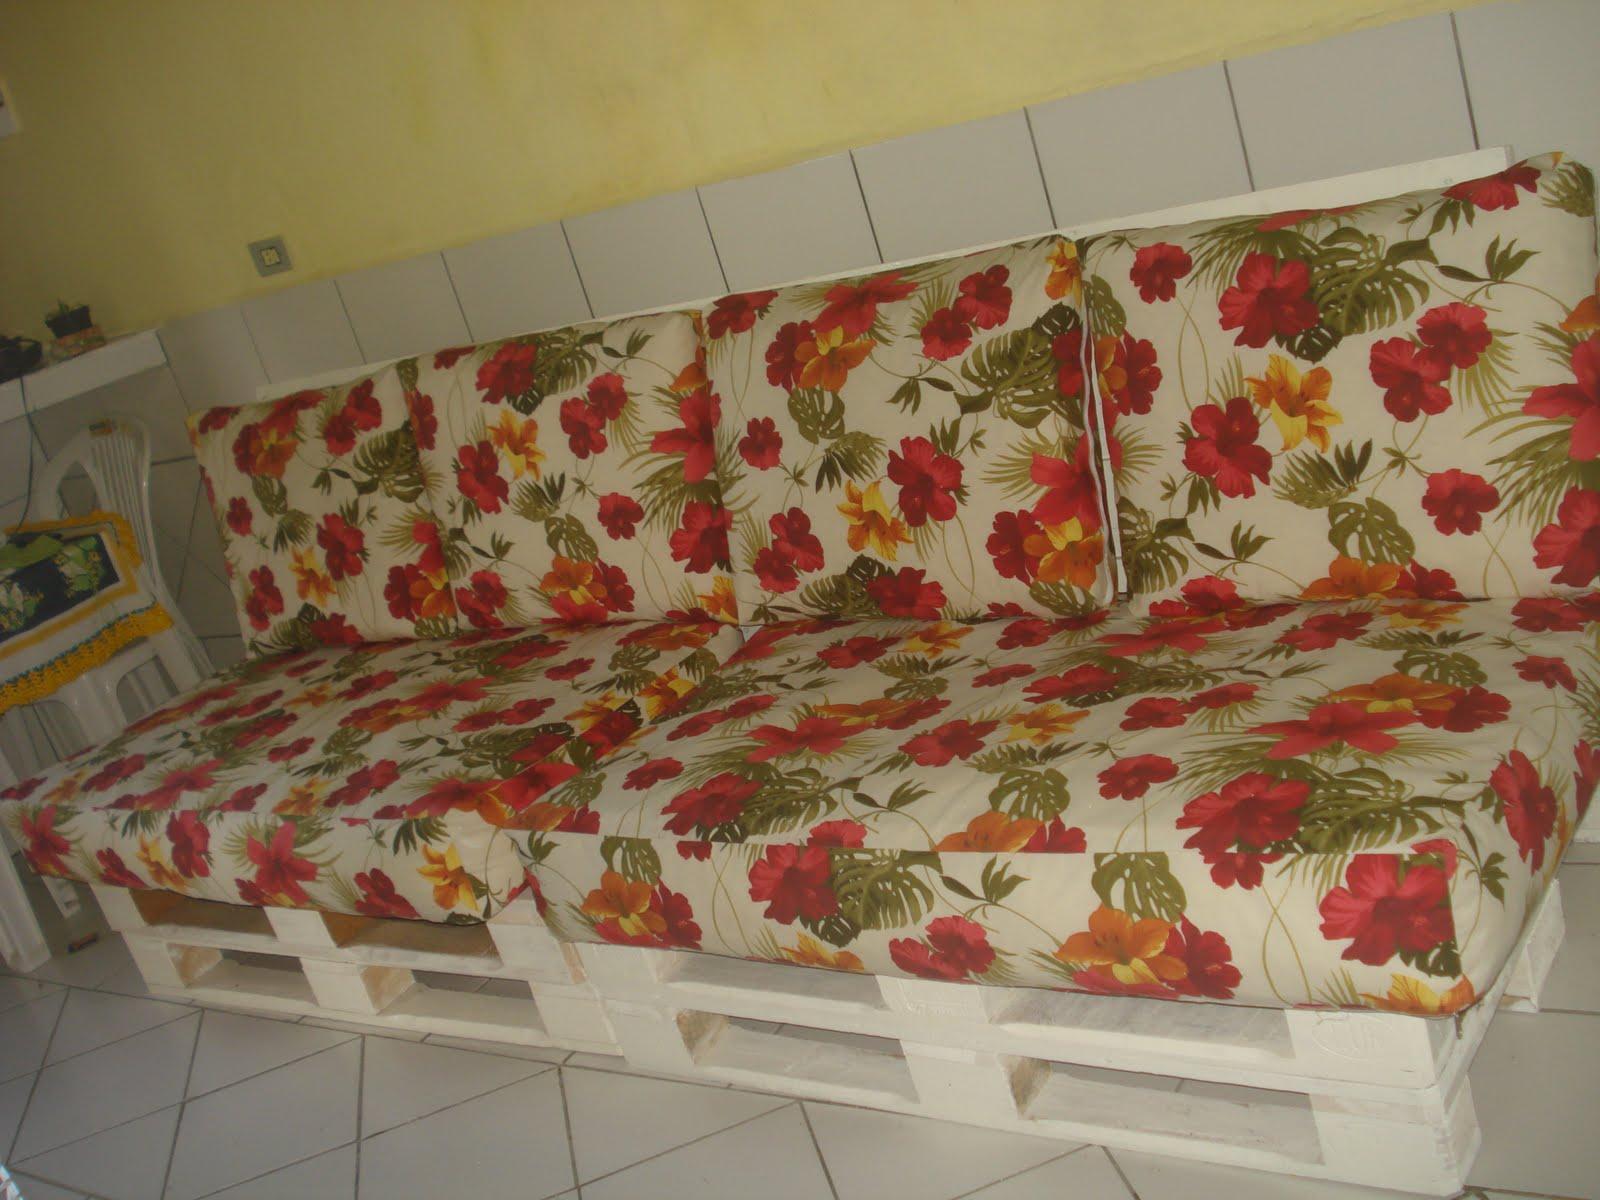 Uai passa lá em casa!!!: Ideias pro meu sofá de palete #996832 1600x1200